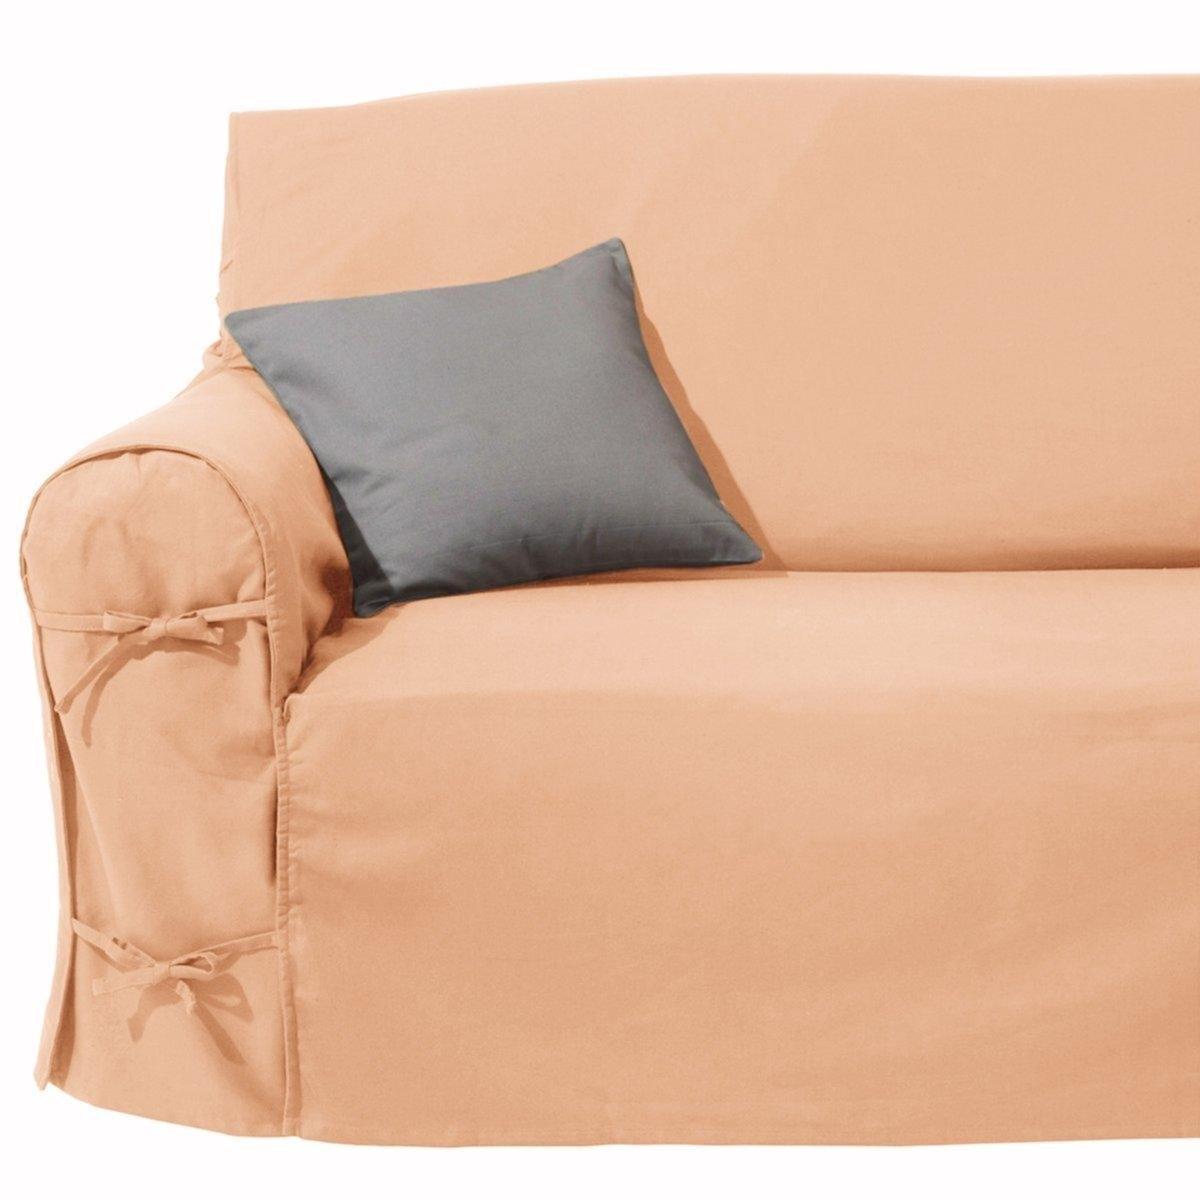 Чехол для диванаХарактеристики чехла для дивана:Практичный чехол для дивана, регулируется завязками. Красивая плотная ткань, 100% хлопок (220 г/м?).Обработка против пятен.Простой уход : стирка при 40°, превосходная стойкость цвета.Размеры чехла для дивана:Общая высота: 102 см.Глубина сиденья: 60 см.Высота : подлокотник 66 см.3 модели на выбор : - 2-местн. : шир.142 см макс.,- 2-3 местн. : шир. 180 см макс.,- 3-местн. : шир. 206 см макс..Сверьте размеры перед заказом !Качество VALEUR S?RE.Сертфикат Oeko-Tex® дает гарантию того, что товары изготовлены без применения химических средств и не представляют опасности для здоровья человека  .<br><br>Цвет: персиковый<br>Размер: 2/3 мест